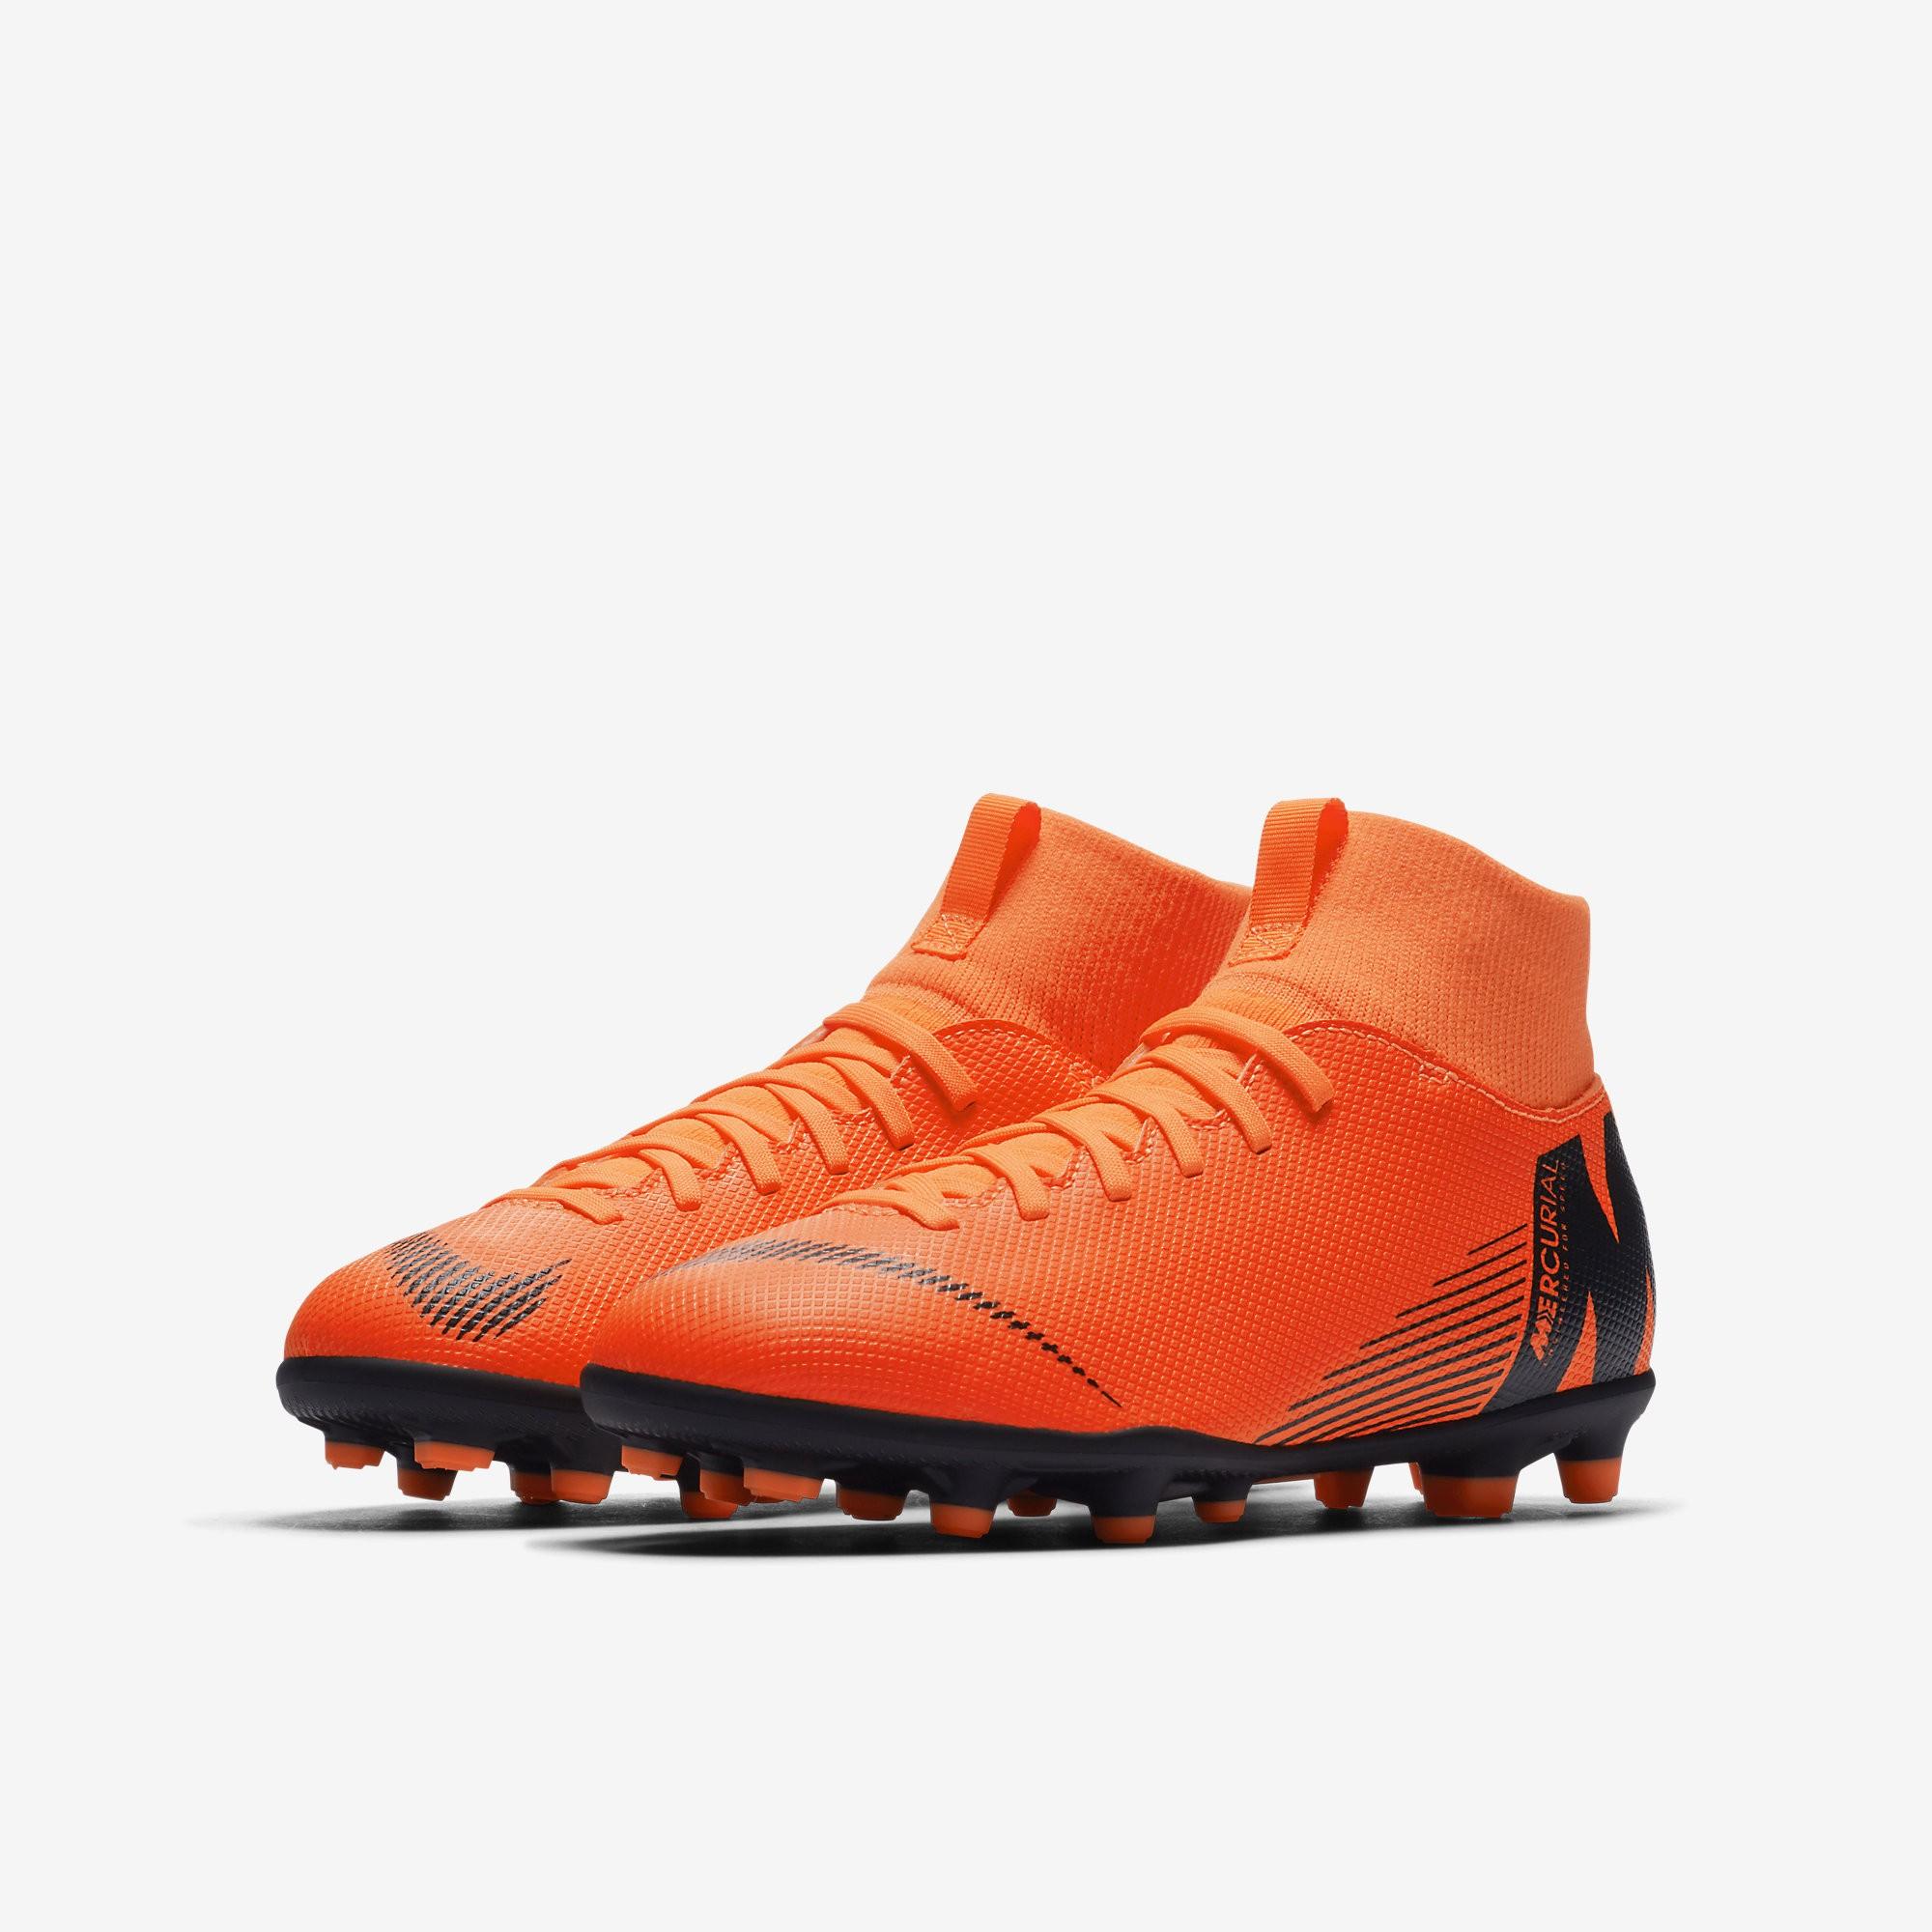 reputable site 2bf62 397e8 Bota Futbol Nike JR Superfly 6 Club MG AH7339 810 - Deportes Manzanedo